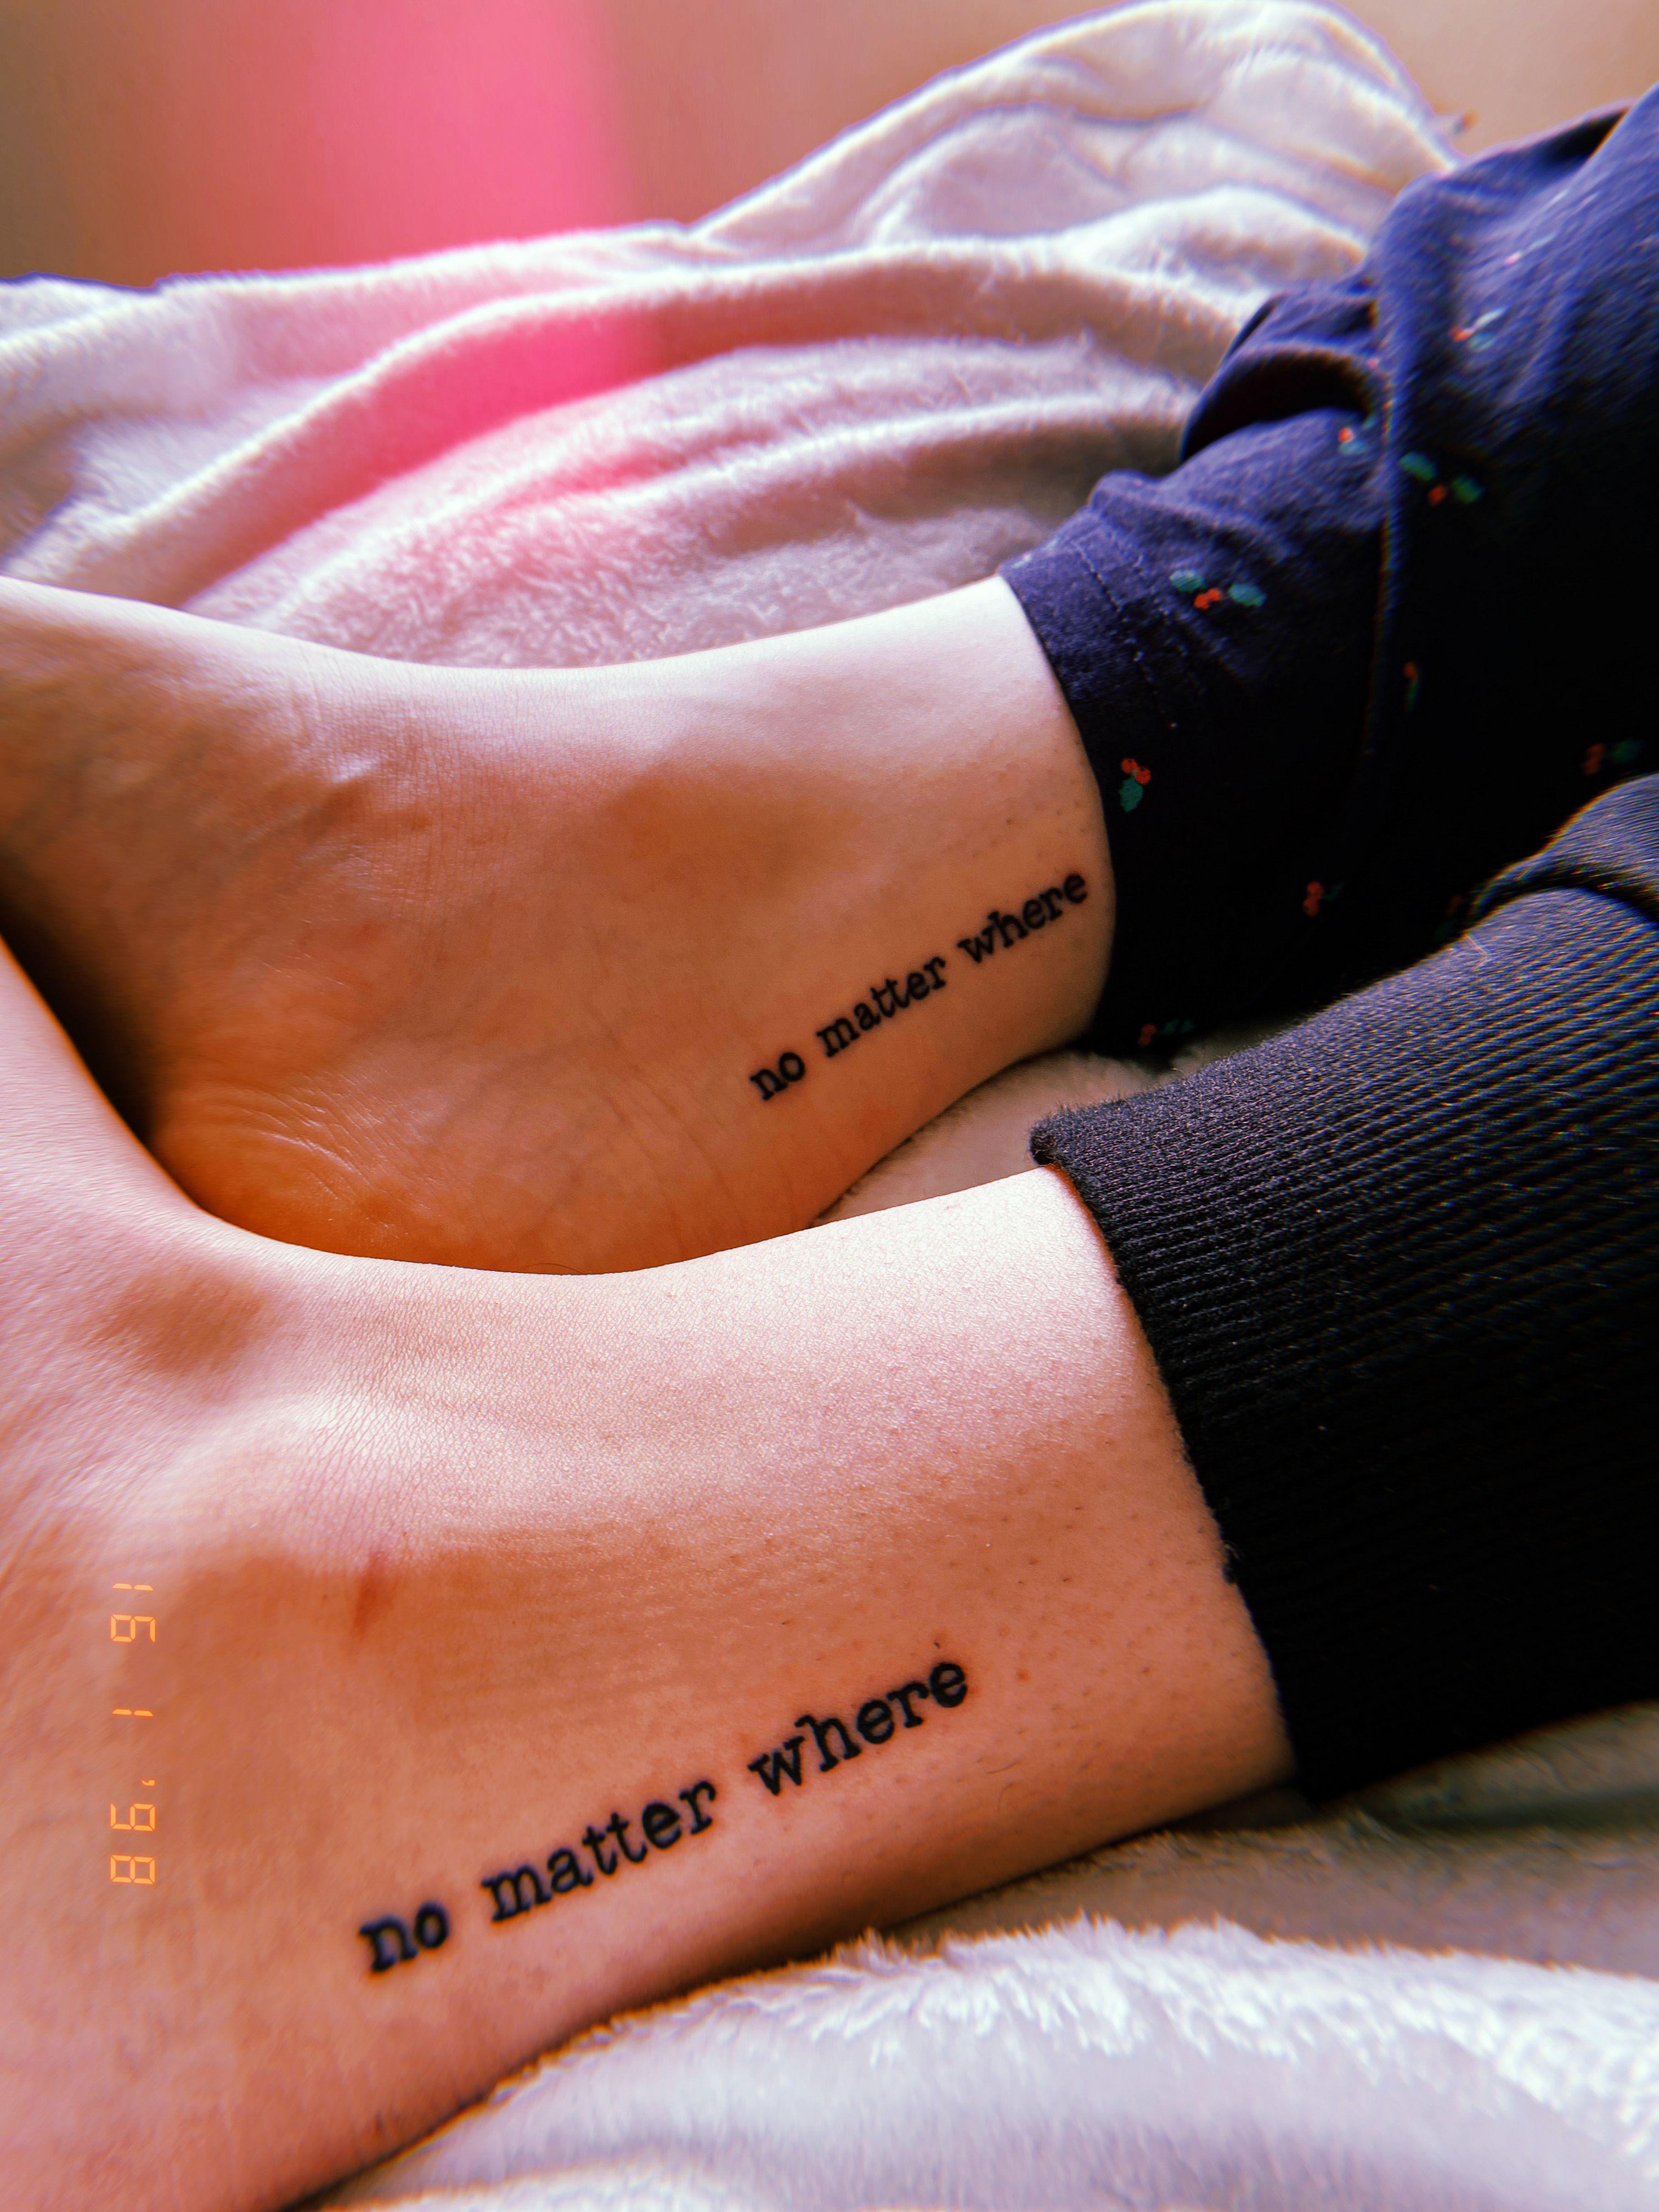 No Matter Where Tattoo : matter, where, tattoo, Matching, Friend, Tattoos, Tattoos,, Small